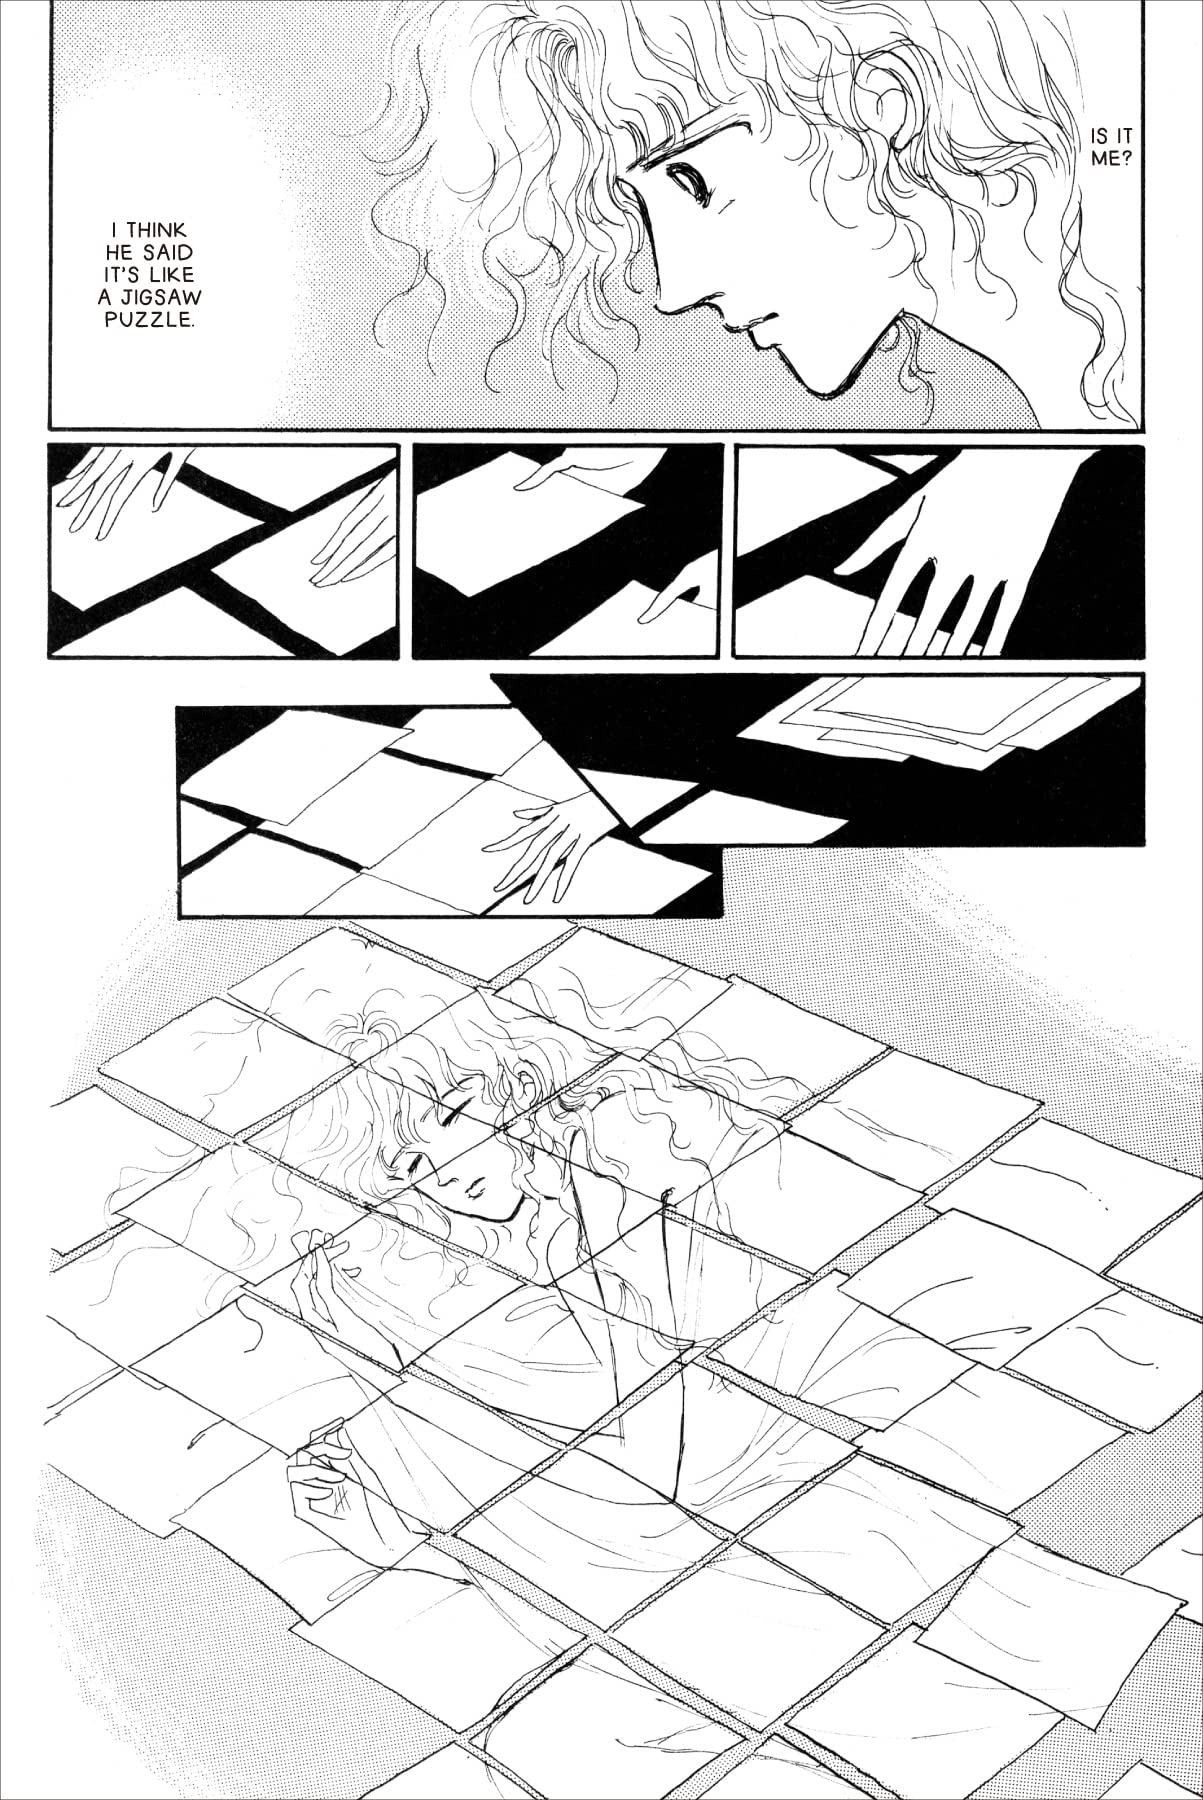 KYOKO SHIMAZU AUTHOR'S EDITION #3